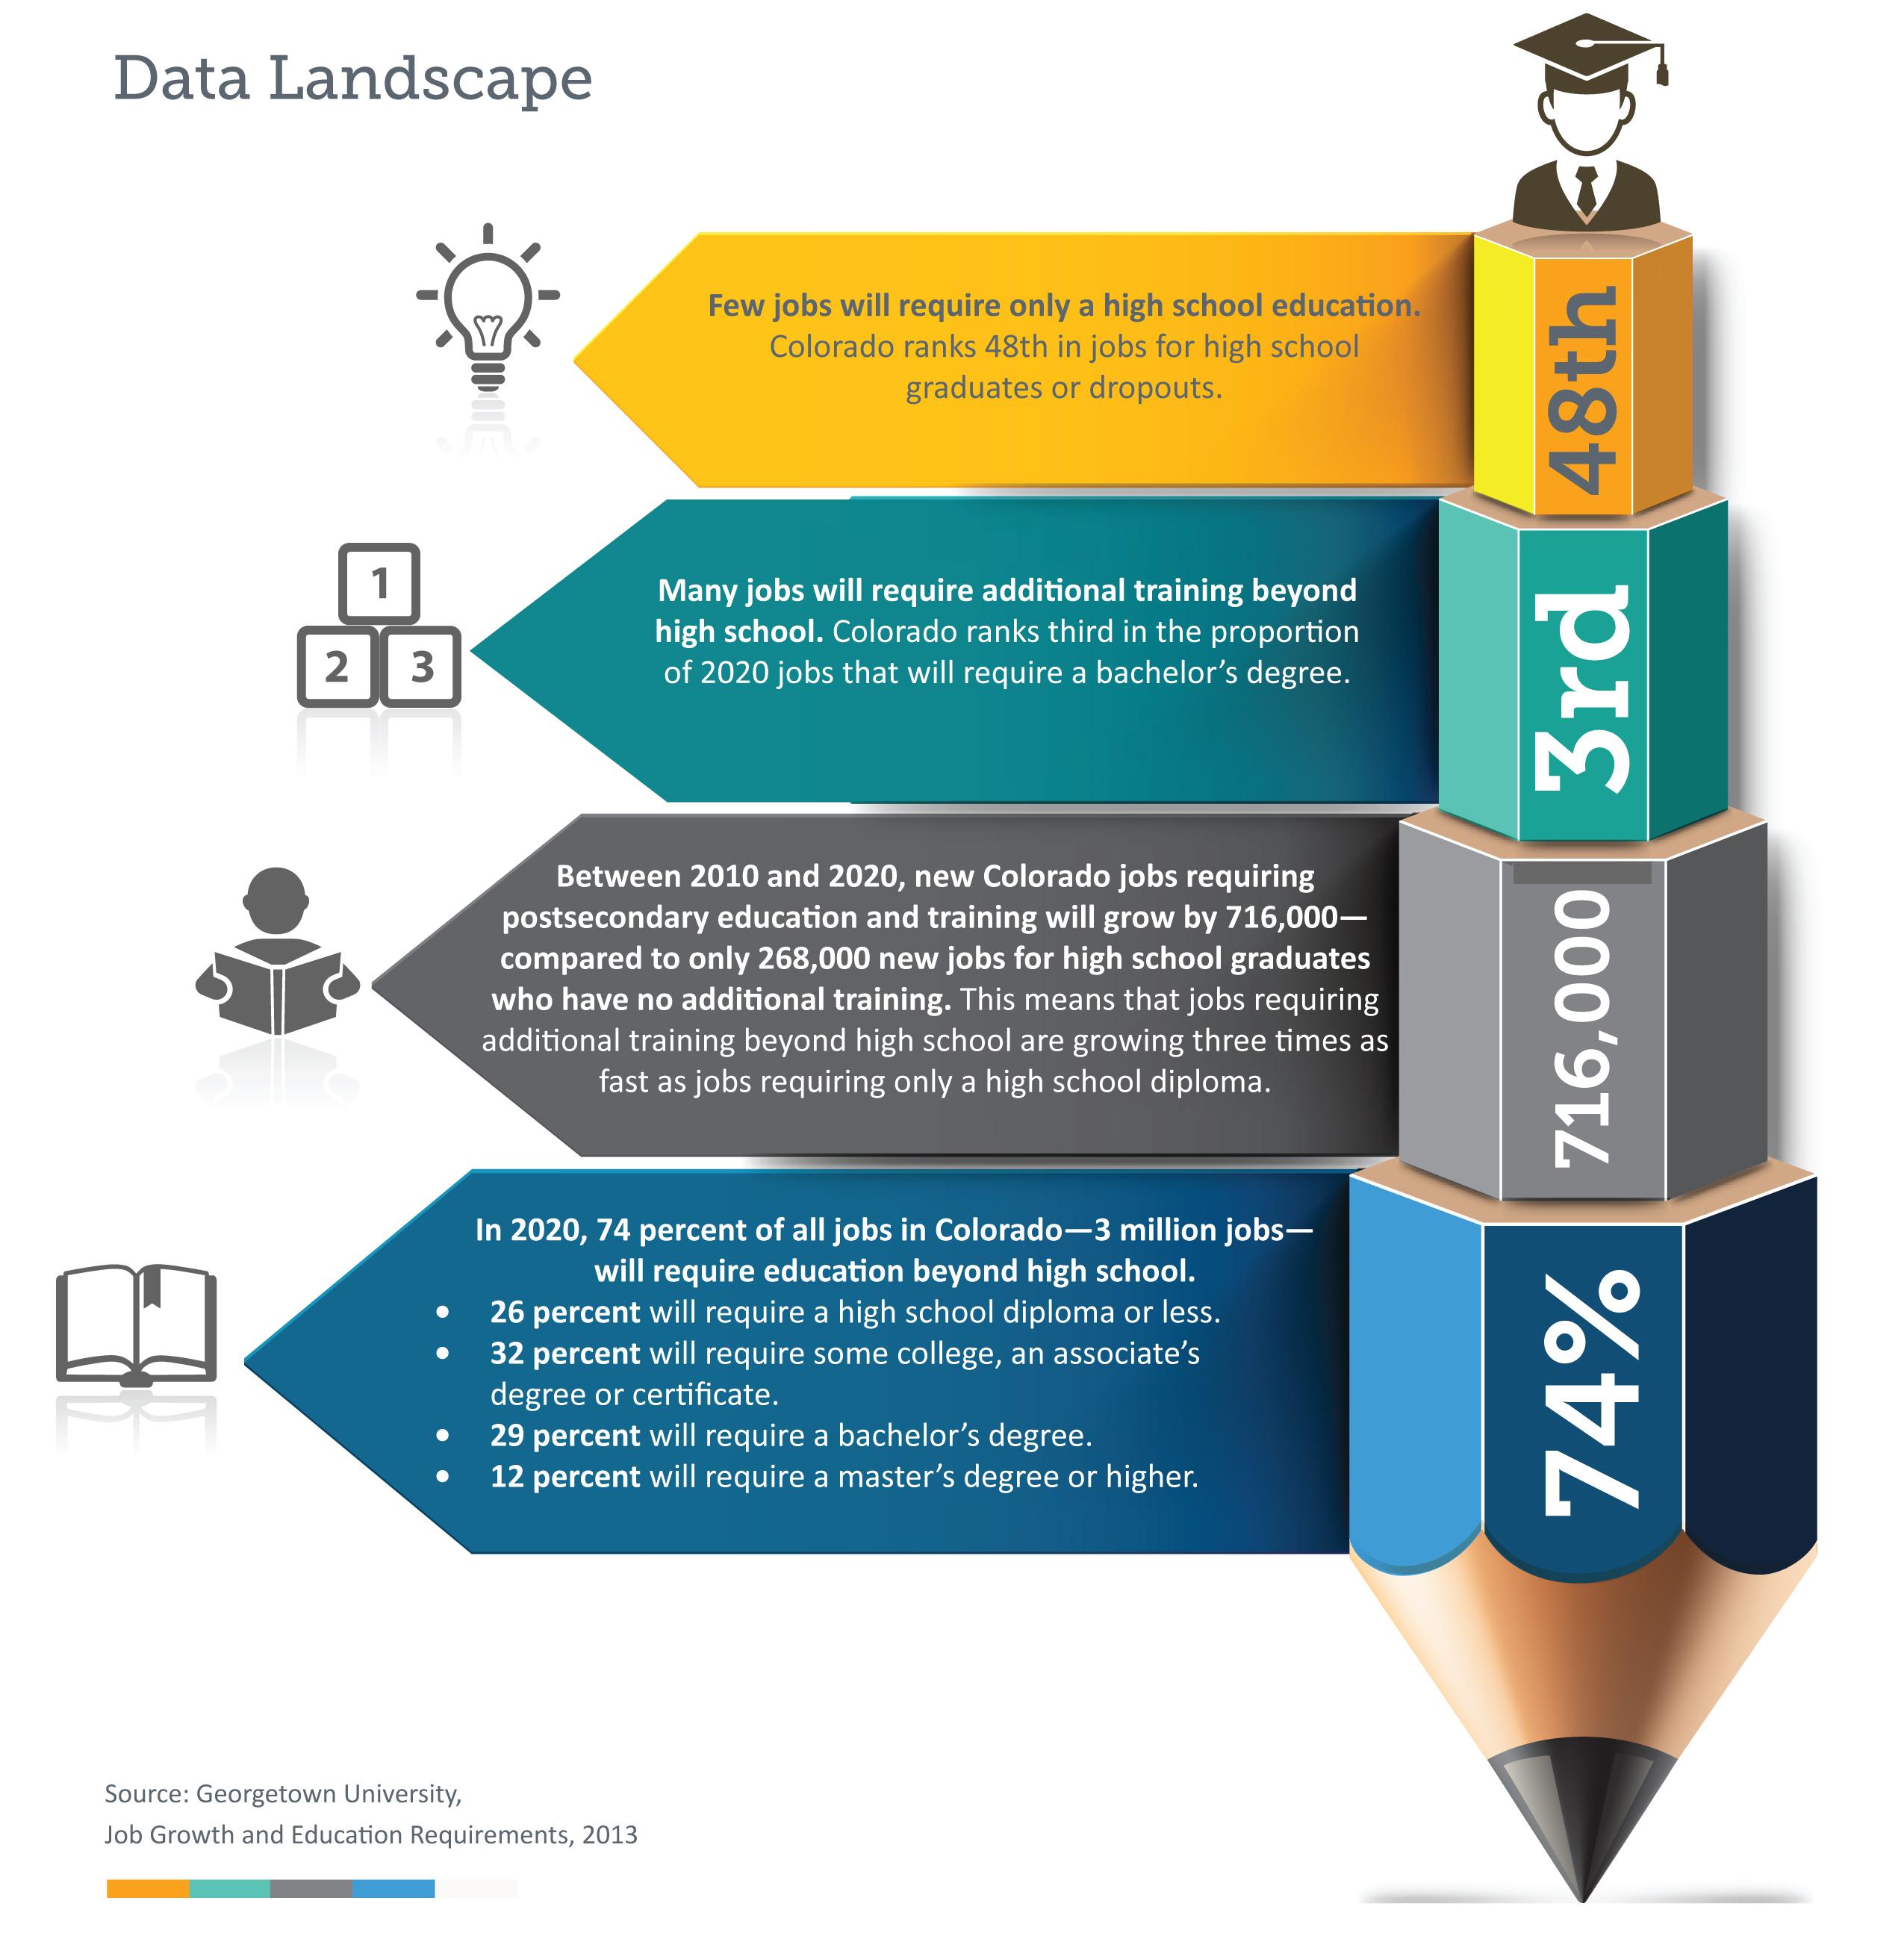 Graduation Data Landscape Image - Full Size